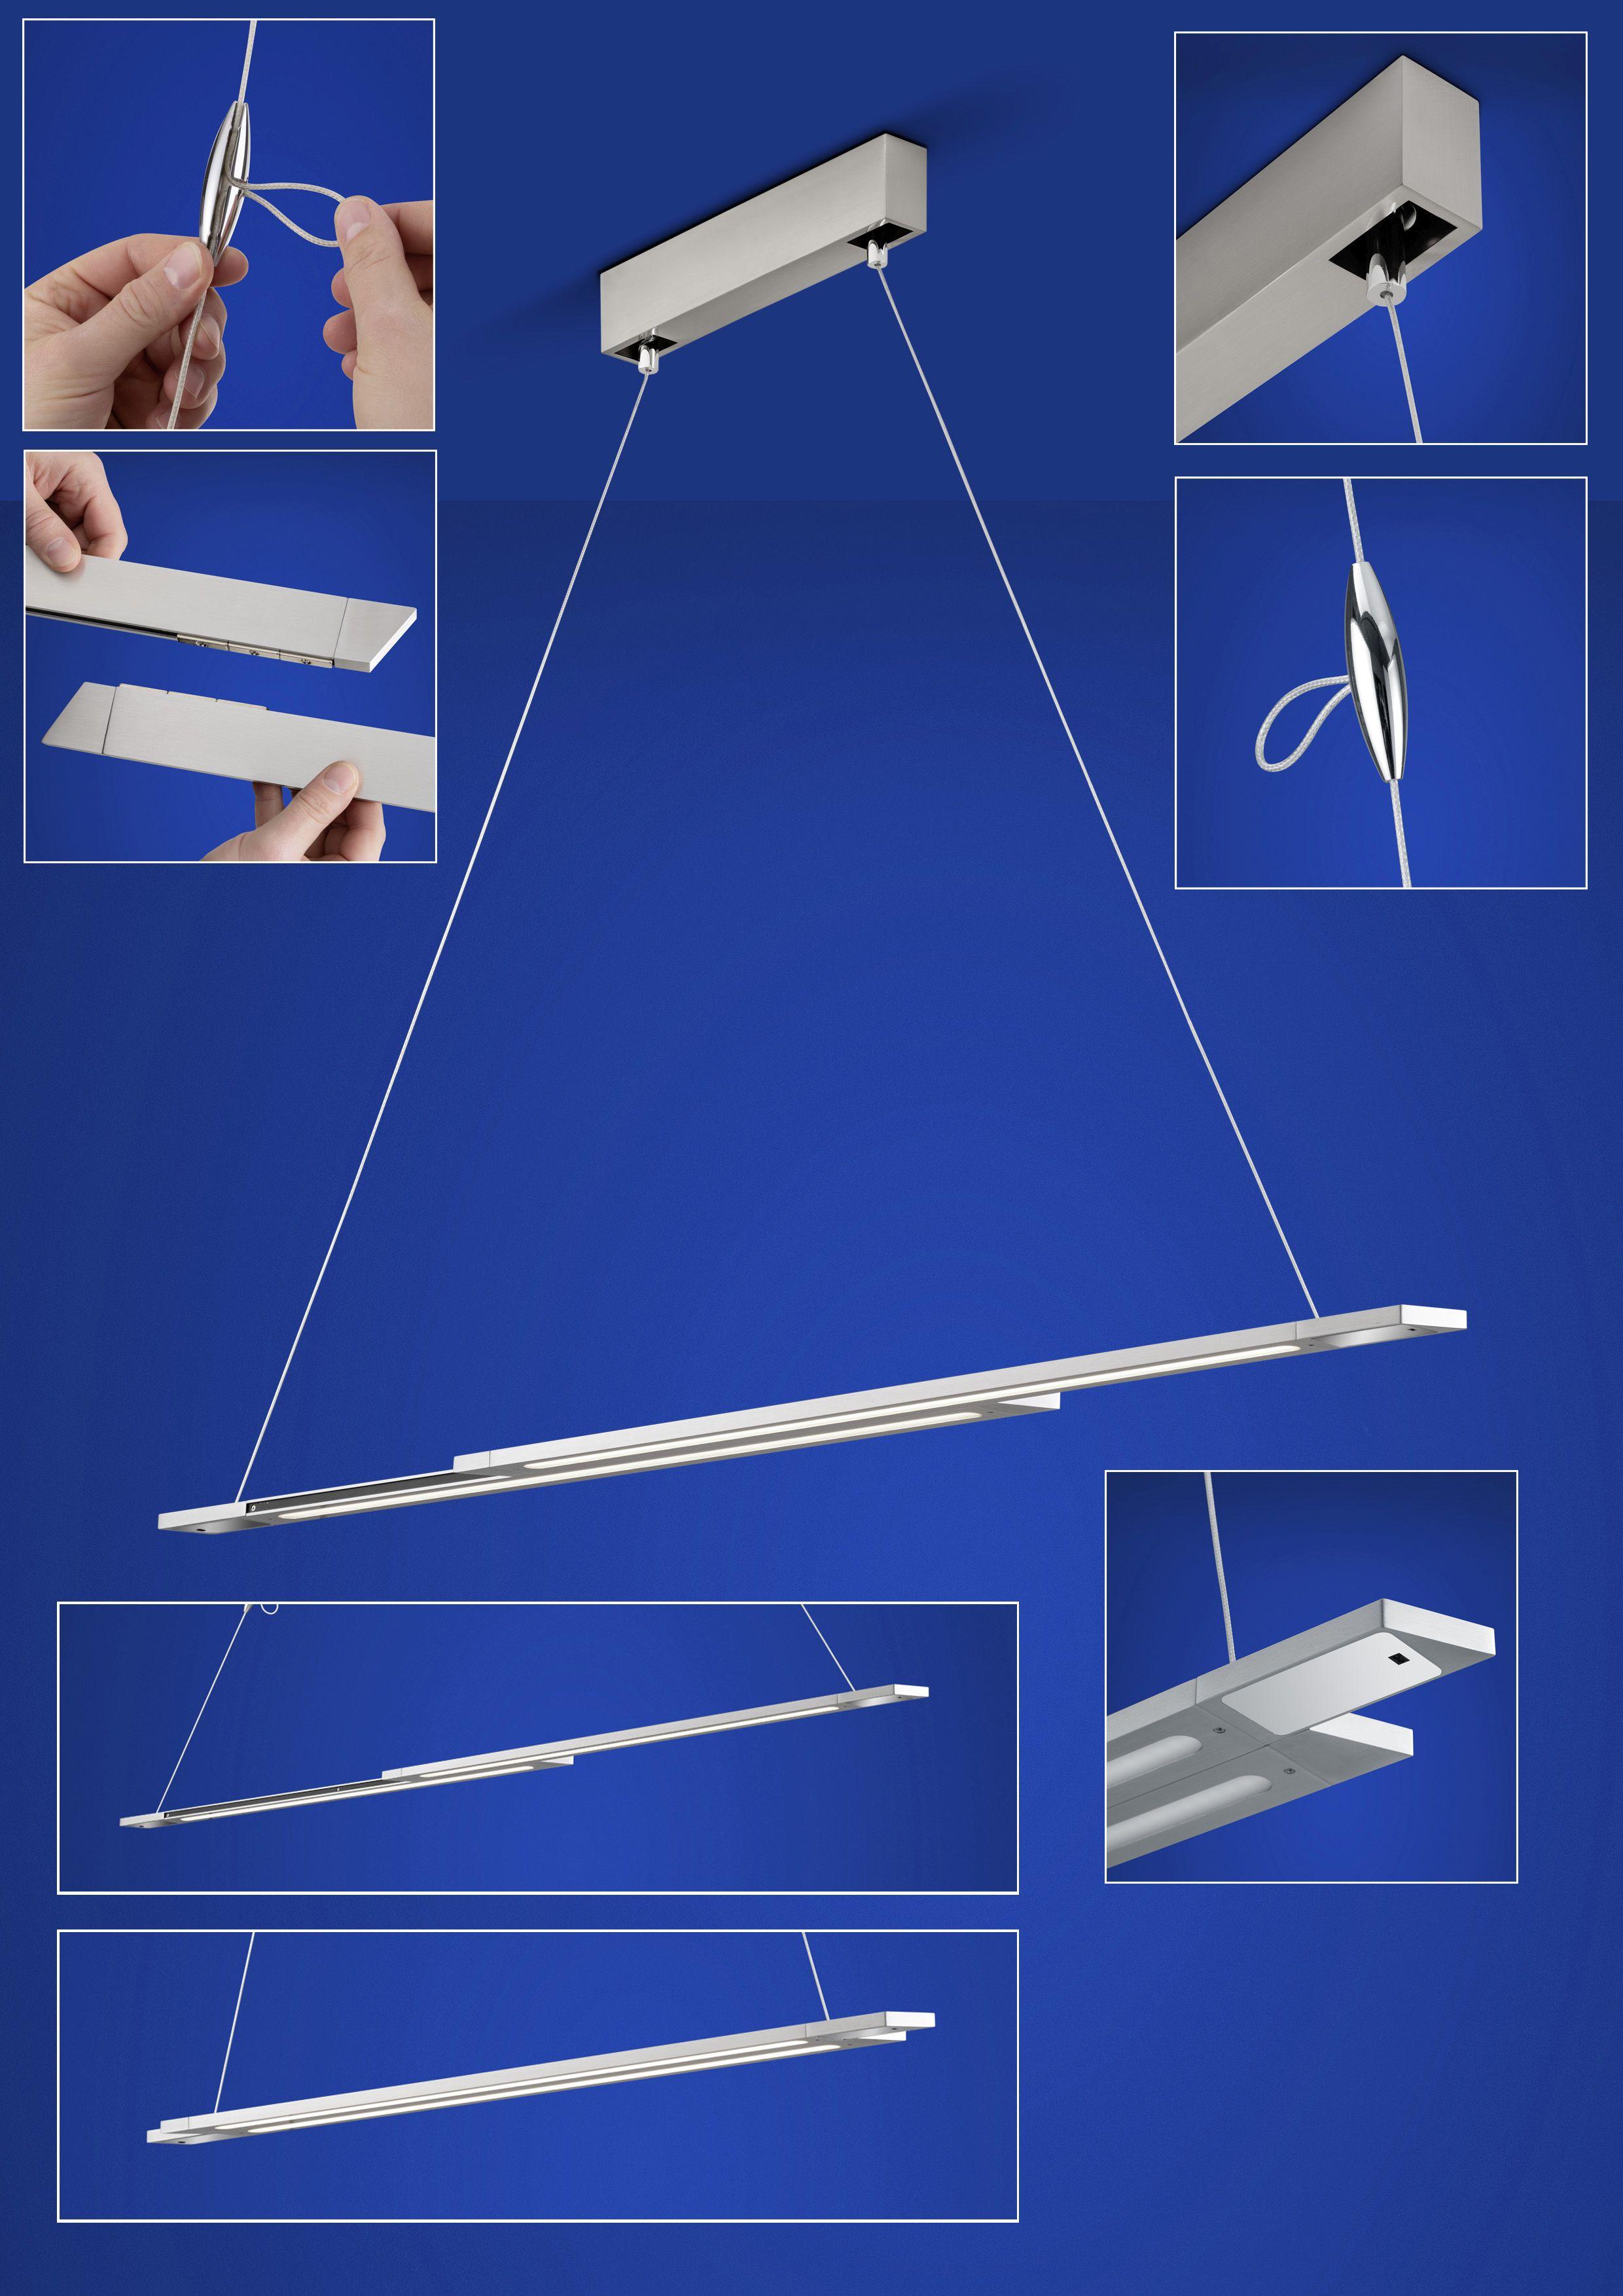 LED-Hängeleuchten & LED-Hängelampen von B-Leuchten BLU STICKS LED Pendelleuchte 20401/1-92